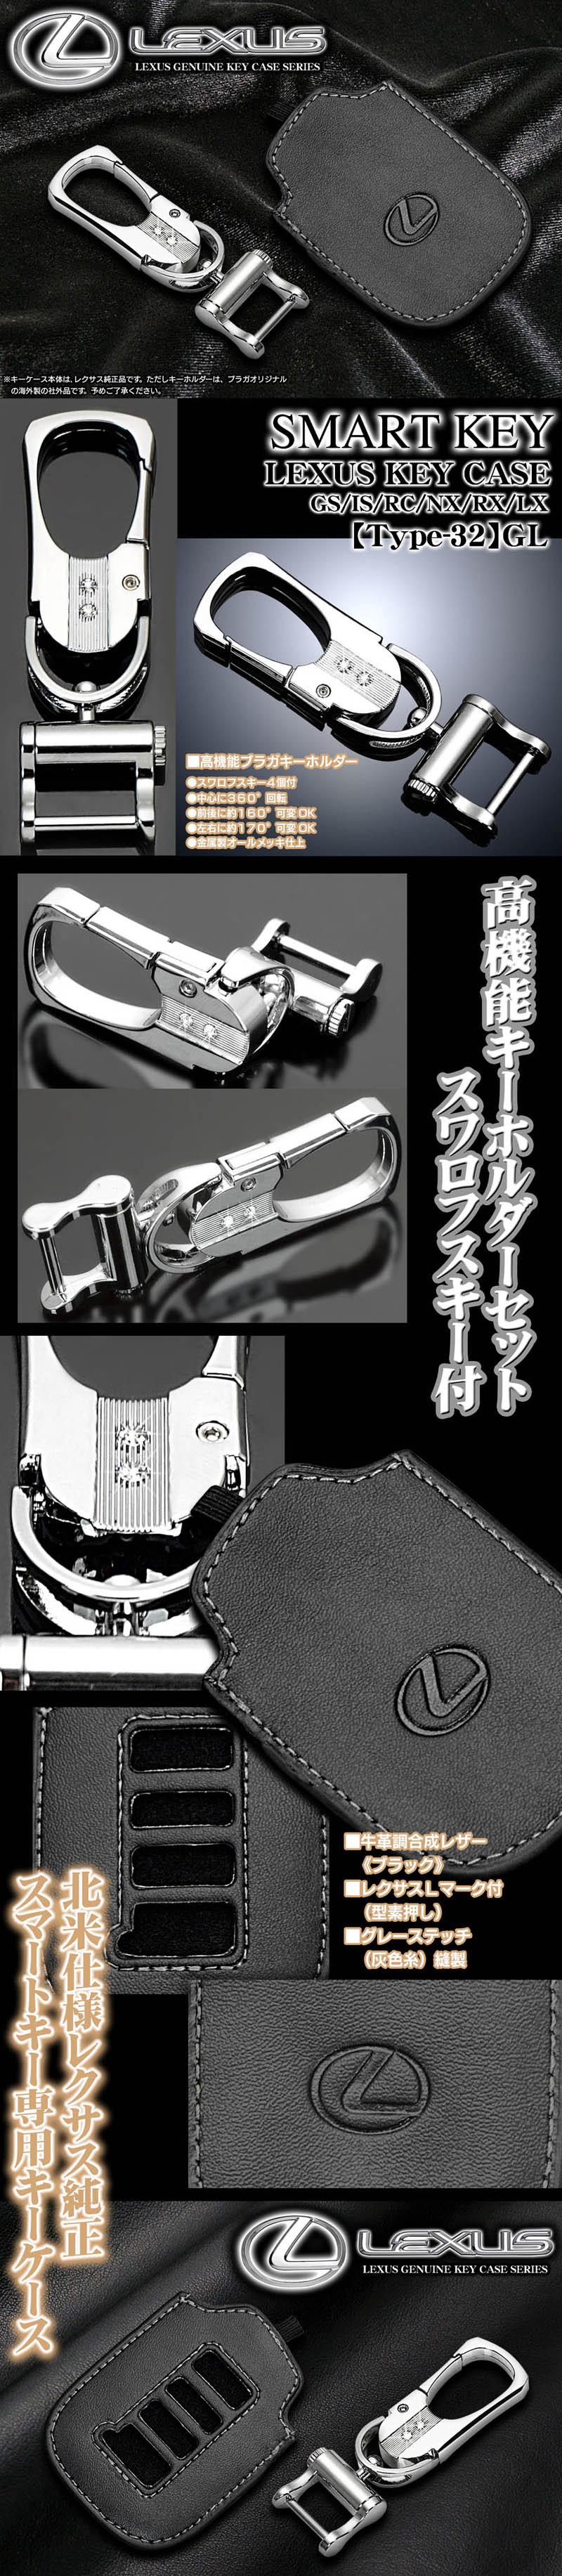 【タイプ32/GL】《レクサス/スマートキー専用》レクサス純正キーケース&ブラガキーホルダー[ブラック牛革調合成レザー/グレーステッチ]